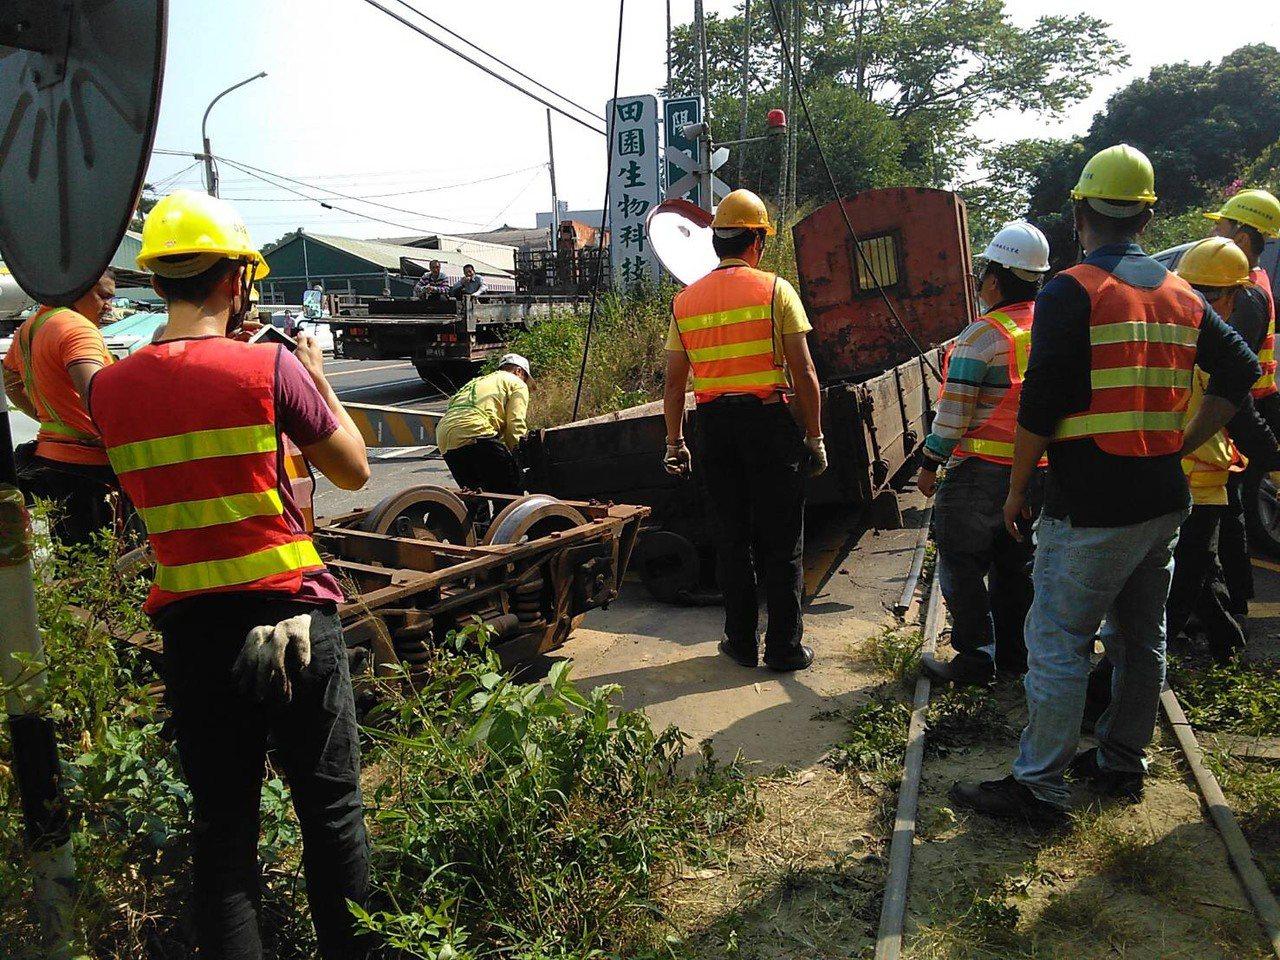 阿里山小火車20號平交道今天上午發生一起小客車疑似闖越平交道擦撞工程車事故,目前...